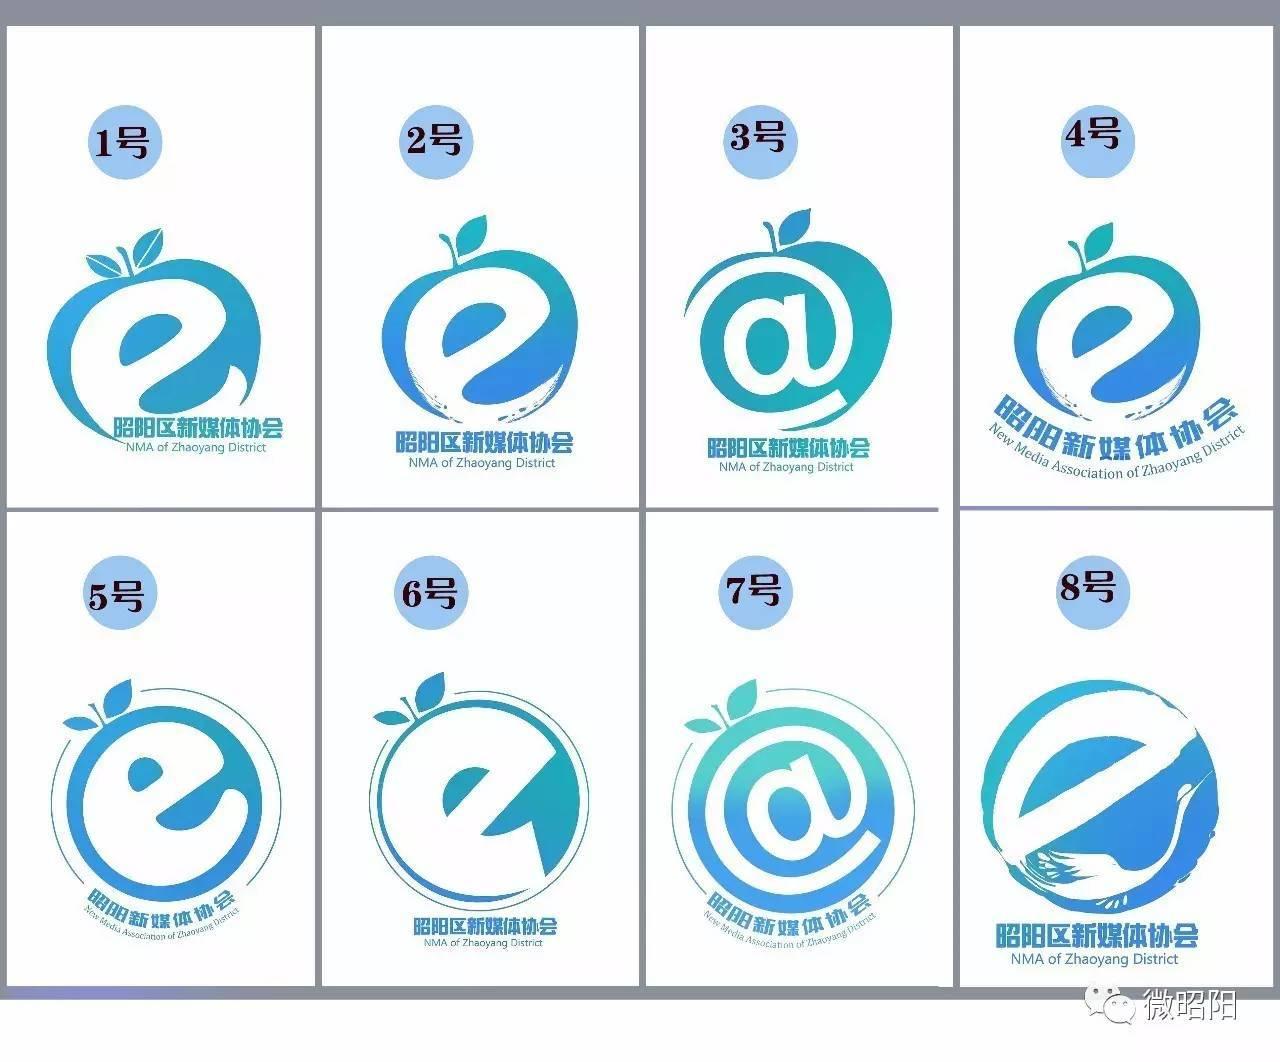 logo的设计理念中,用了昭通盛名的苹果和黑颈鹤作为素材,并选用了